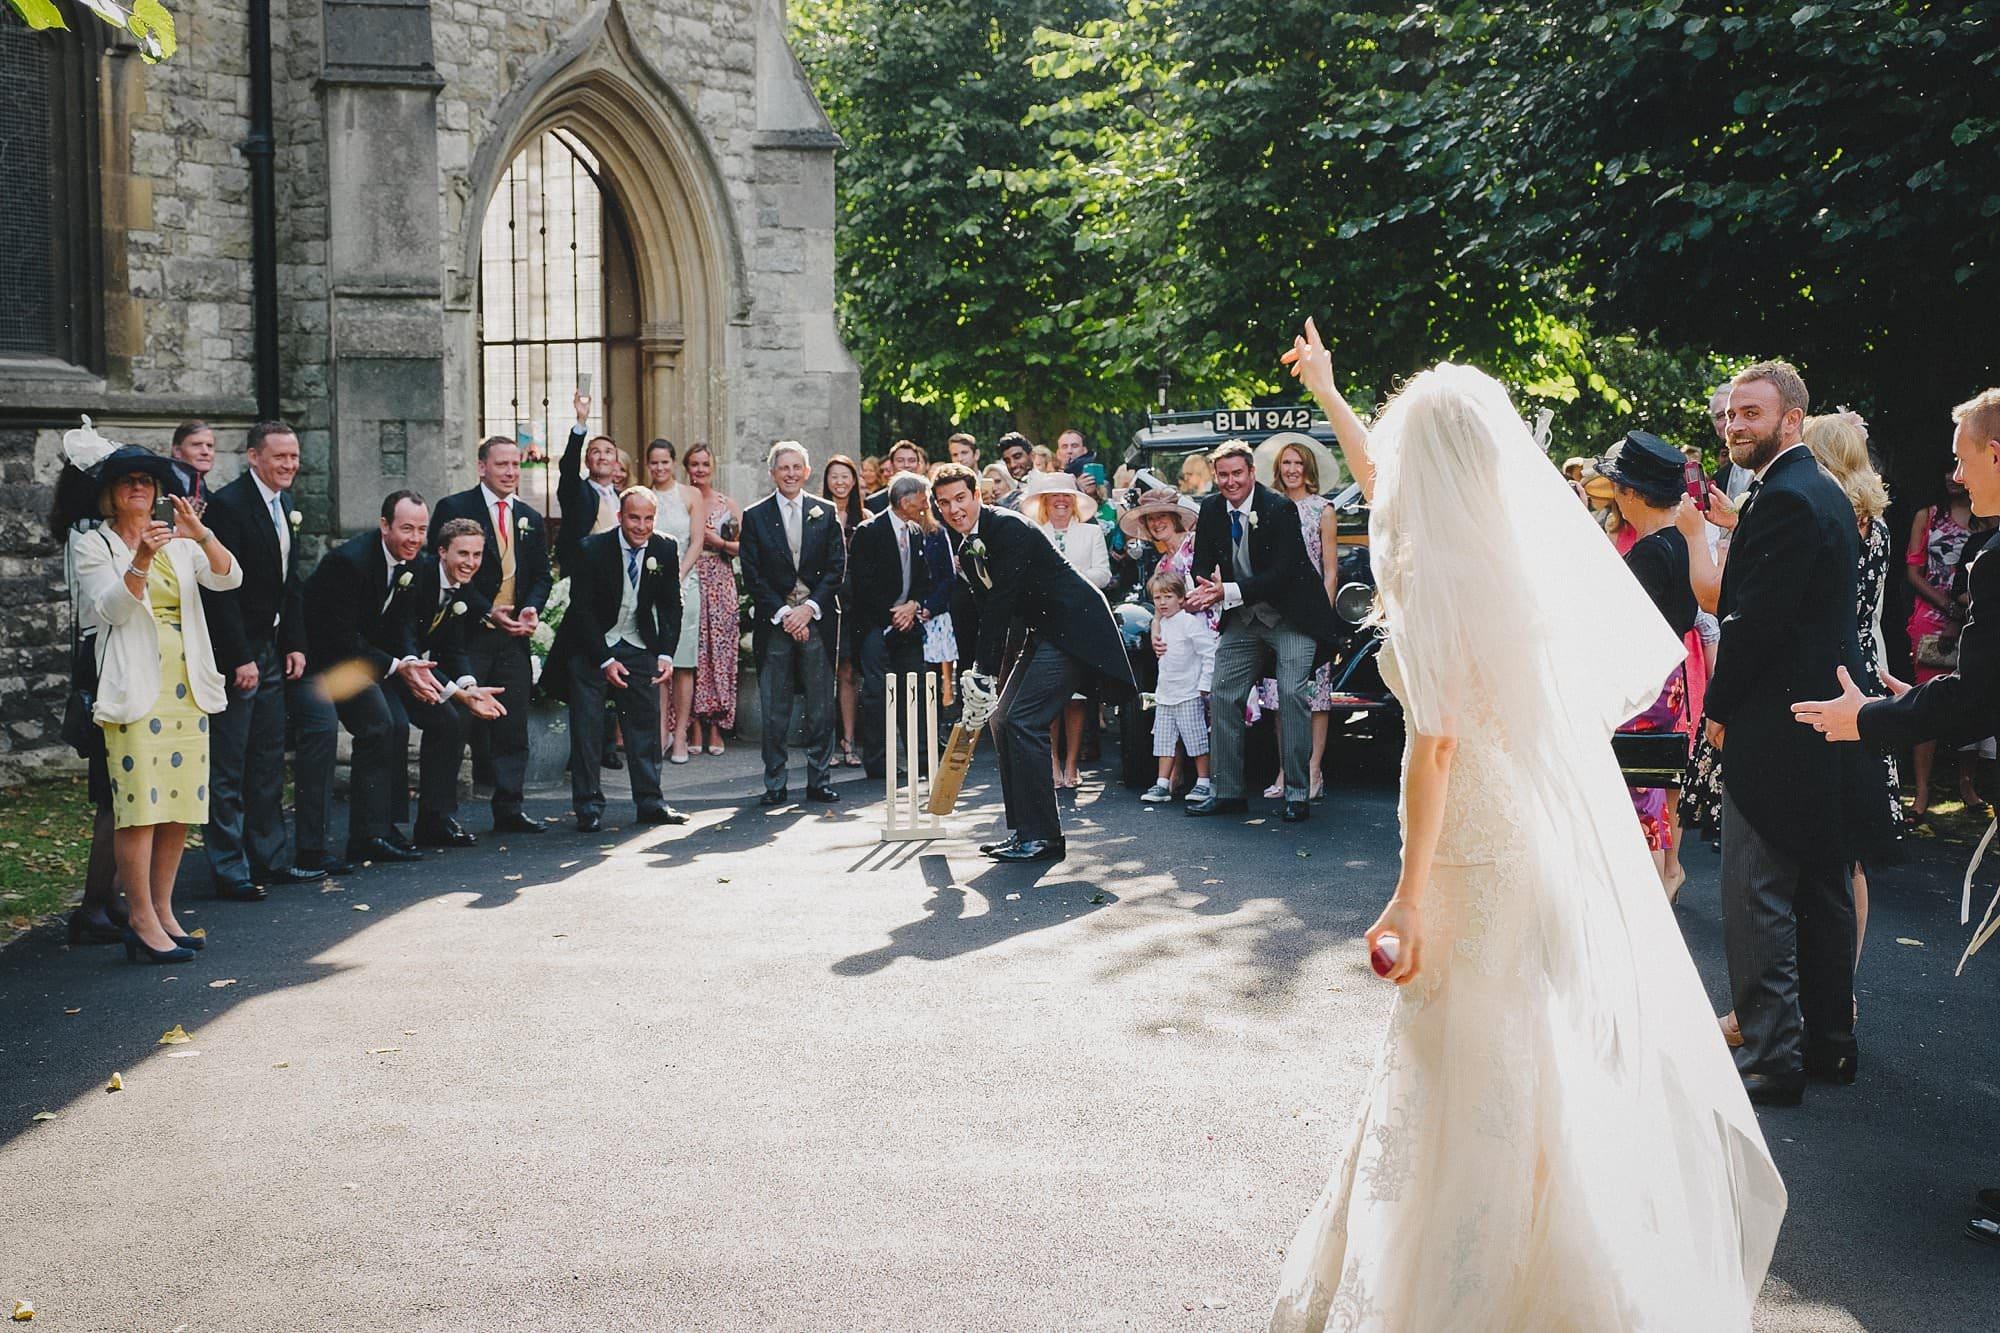 fulham palace wedding photographer 042 - Rosanna + Duncan | Fulham